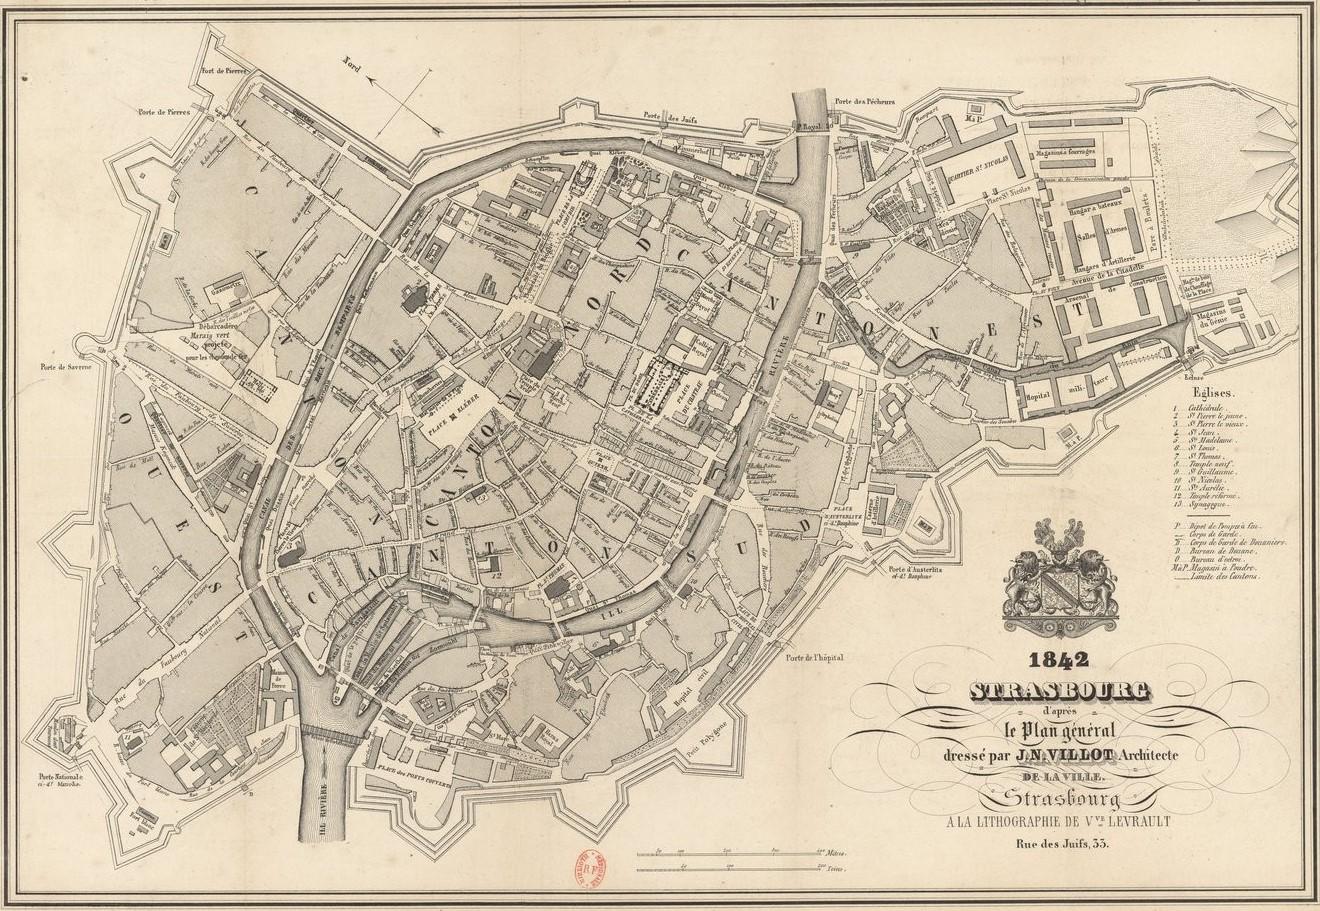 Map of the city of Strasbourg in the 19th century (Bibliothèque nationale de France, département Cartes et plans)